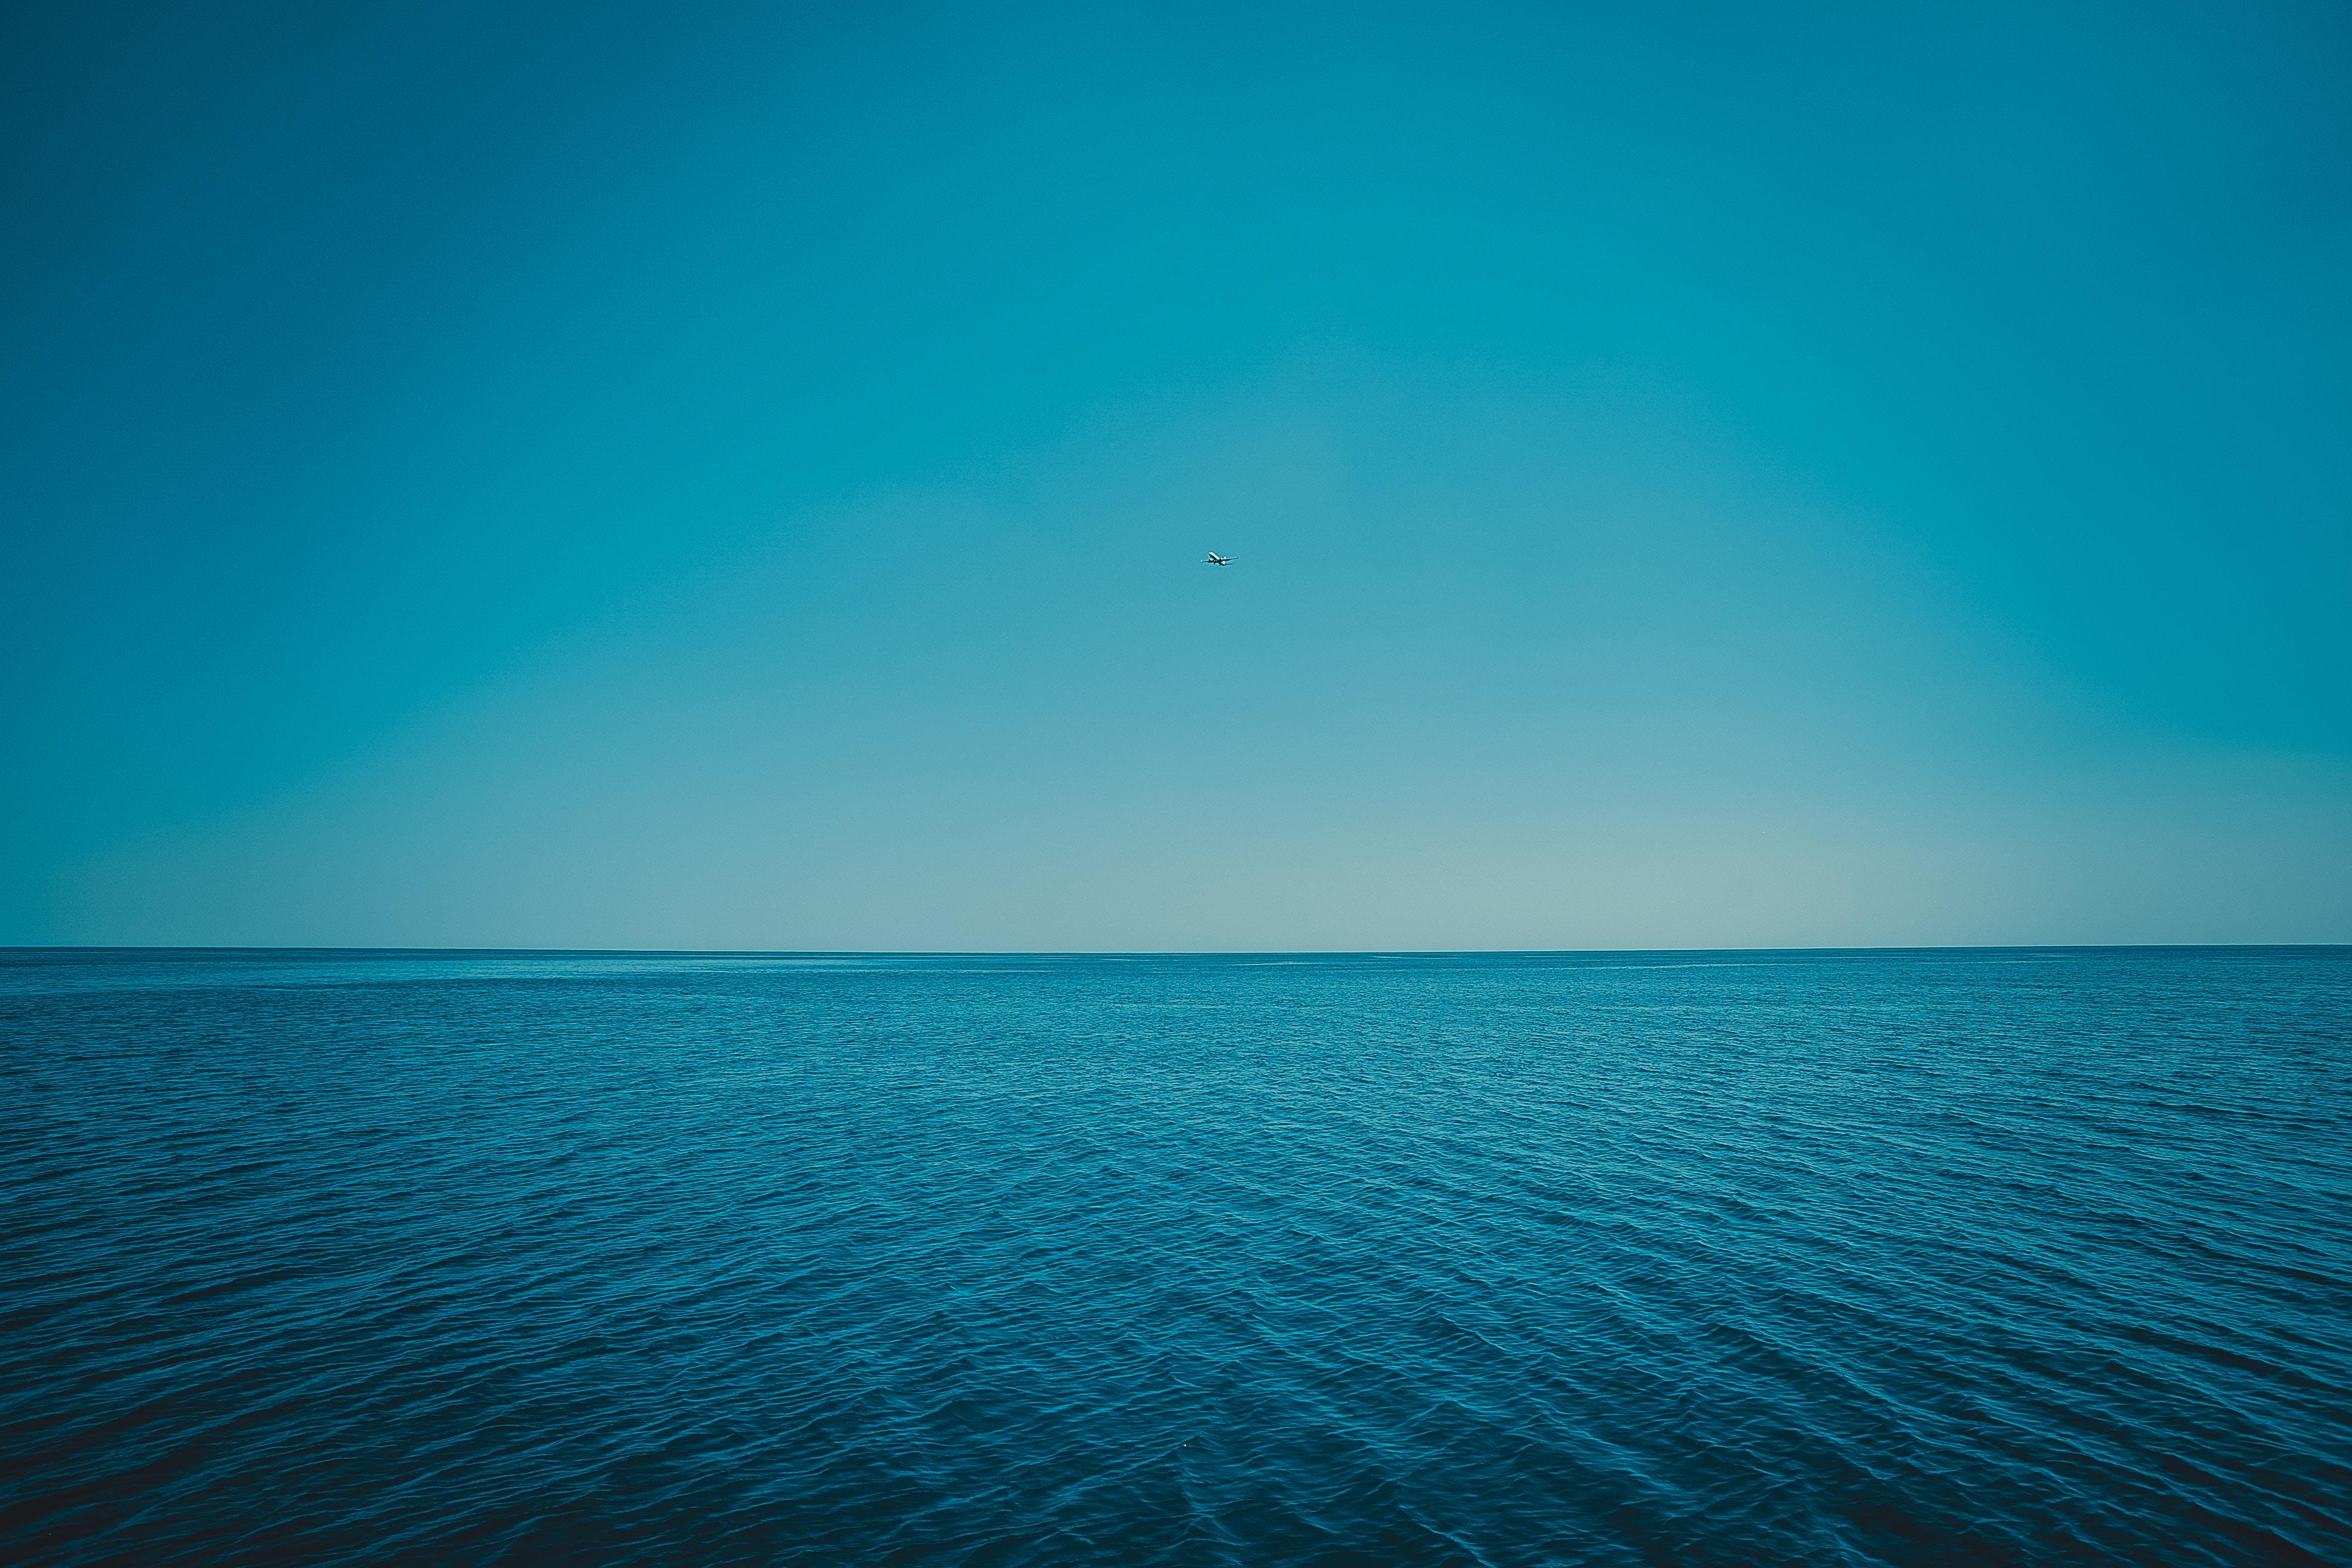 77794 скачать обои Природа, Море, Горизонт, Небо - заставки и картинки бесплатно